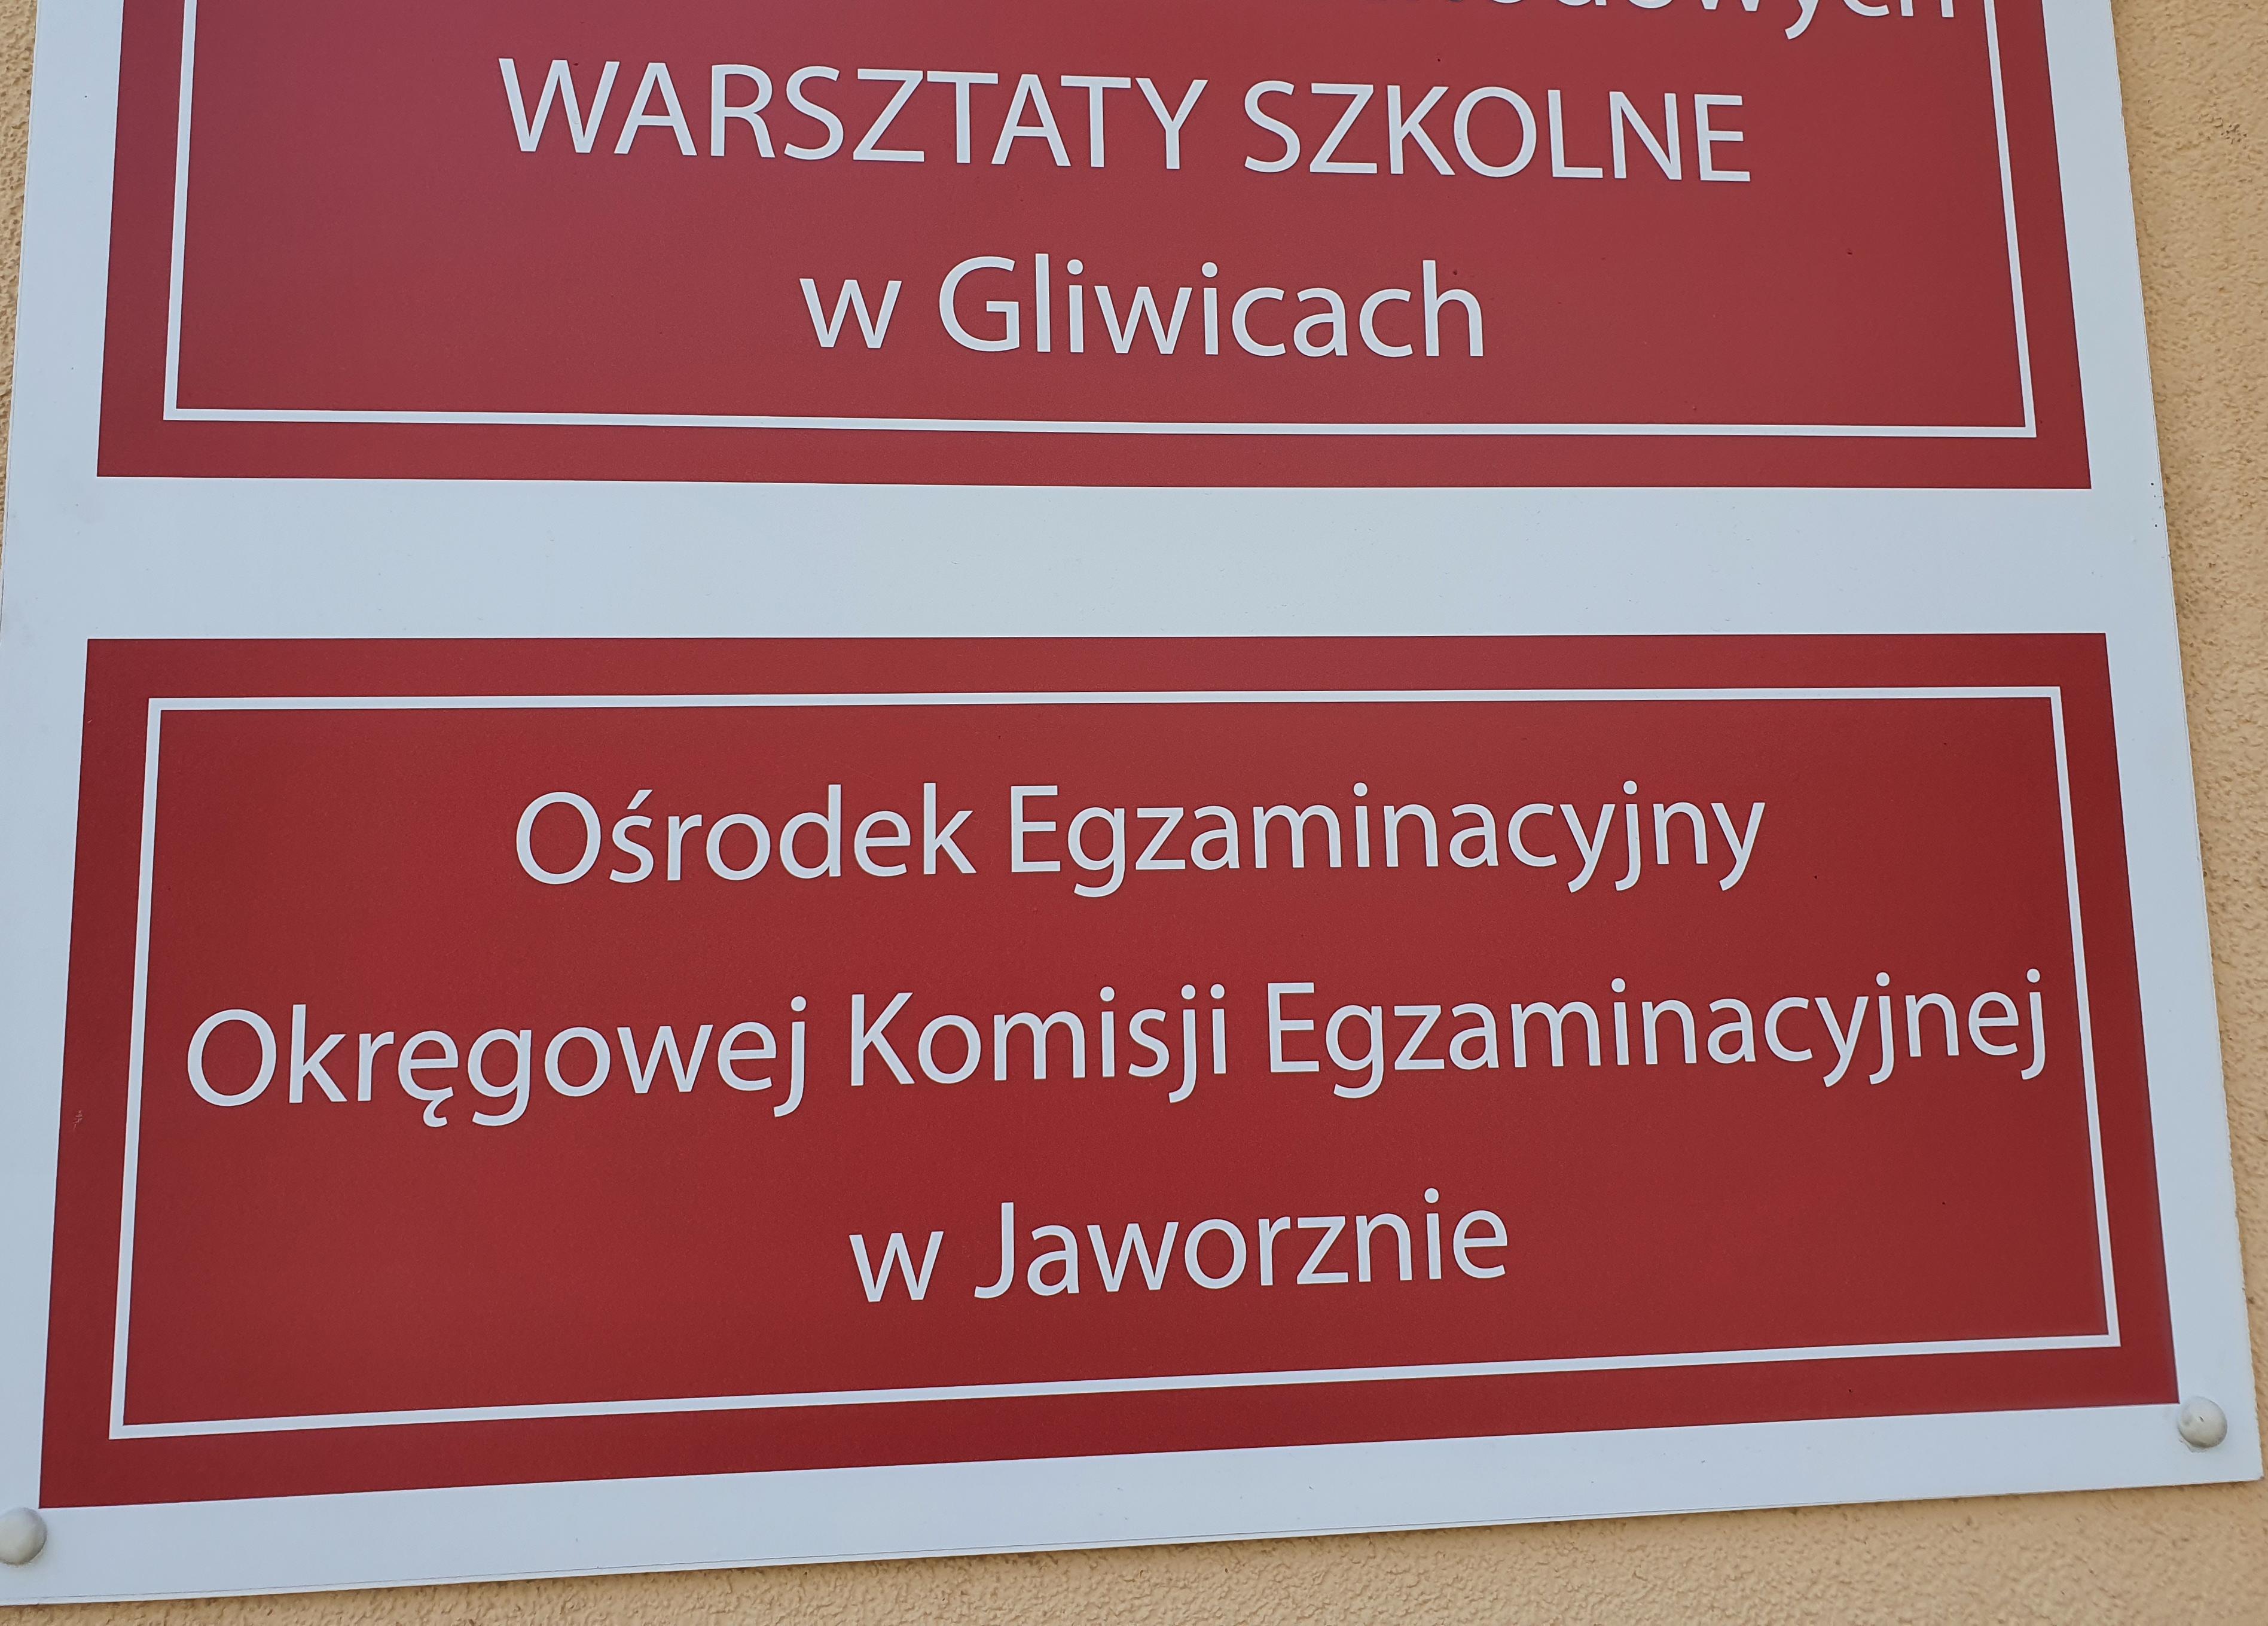 Ośrodek Egzaminacyjny